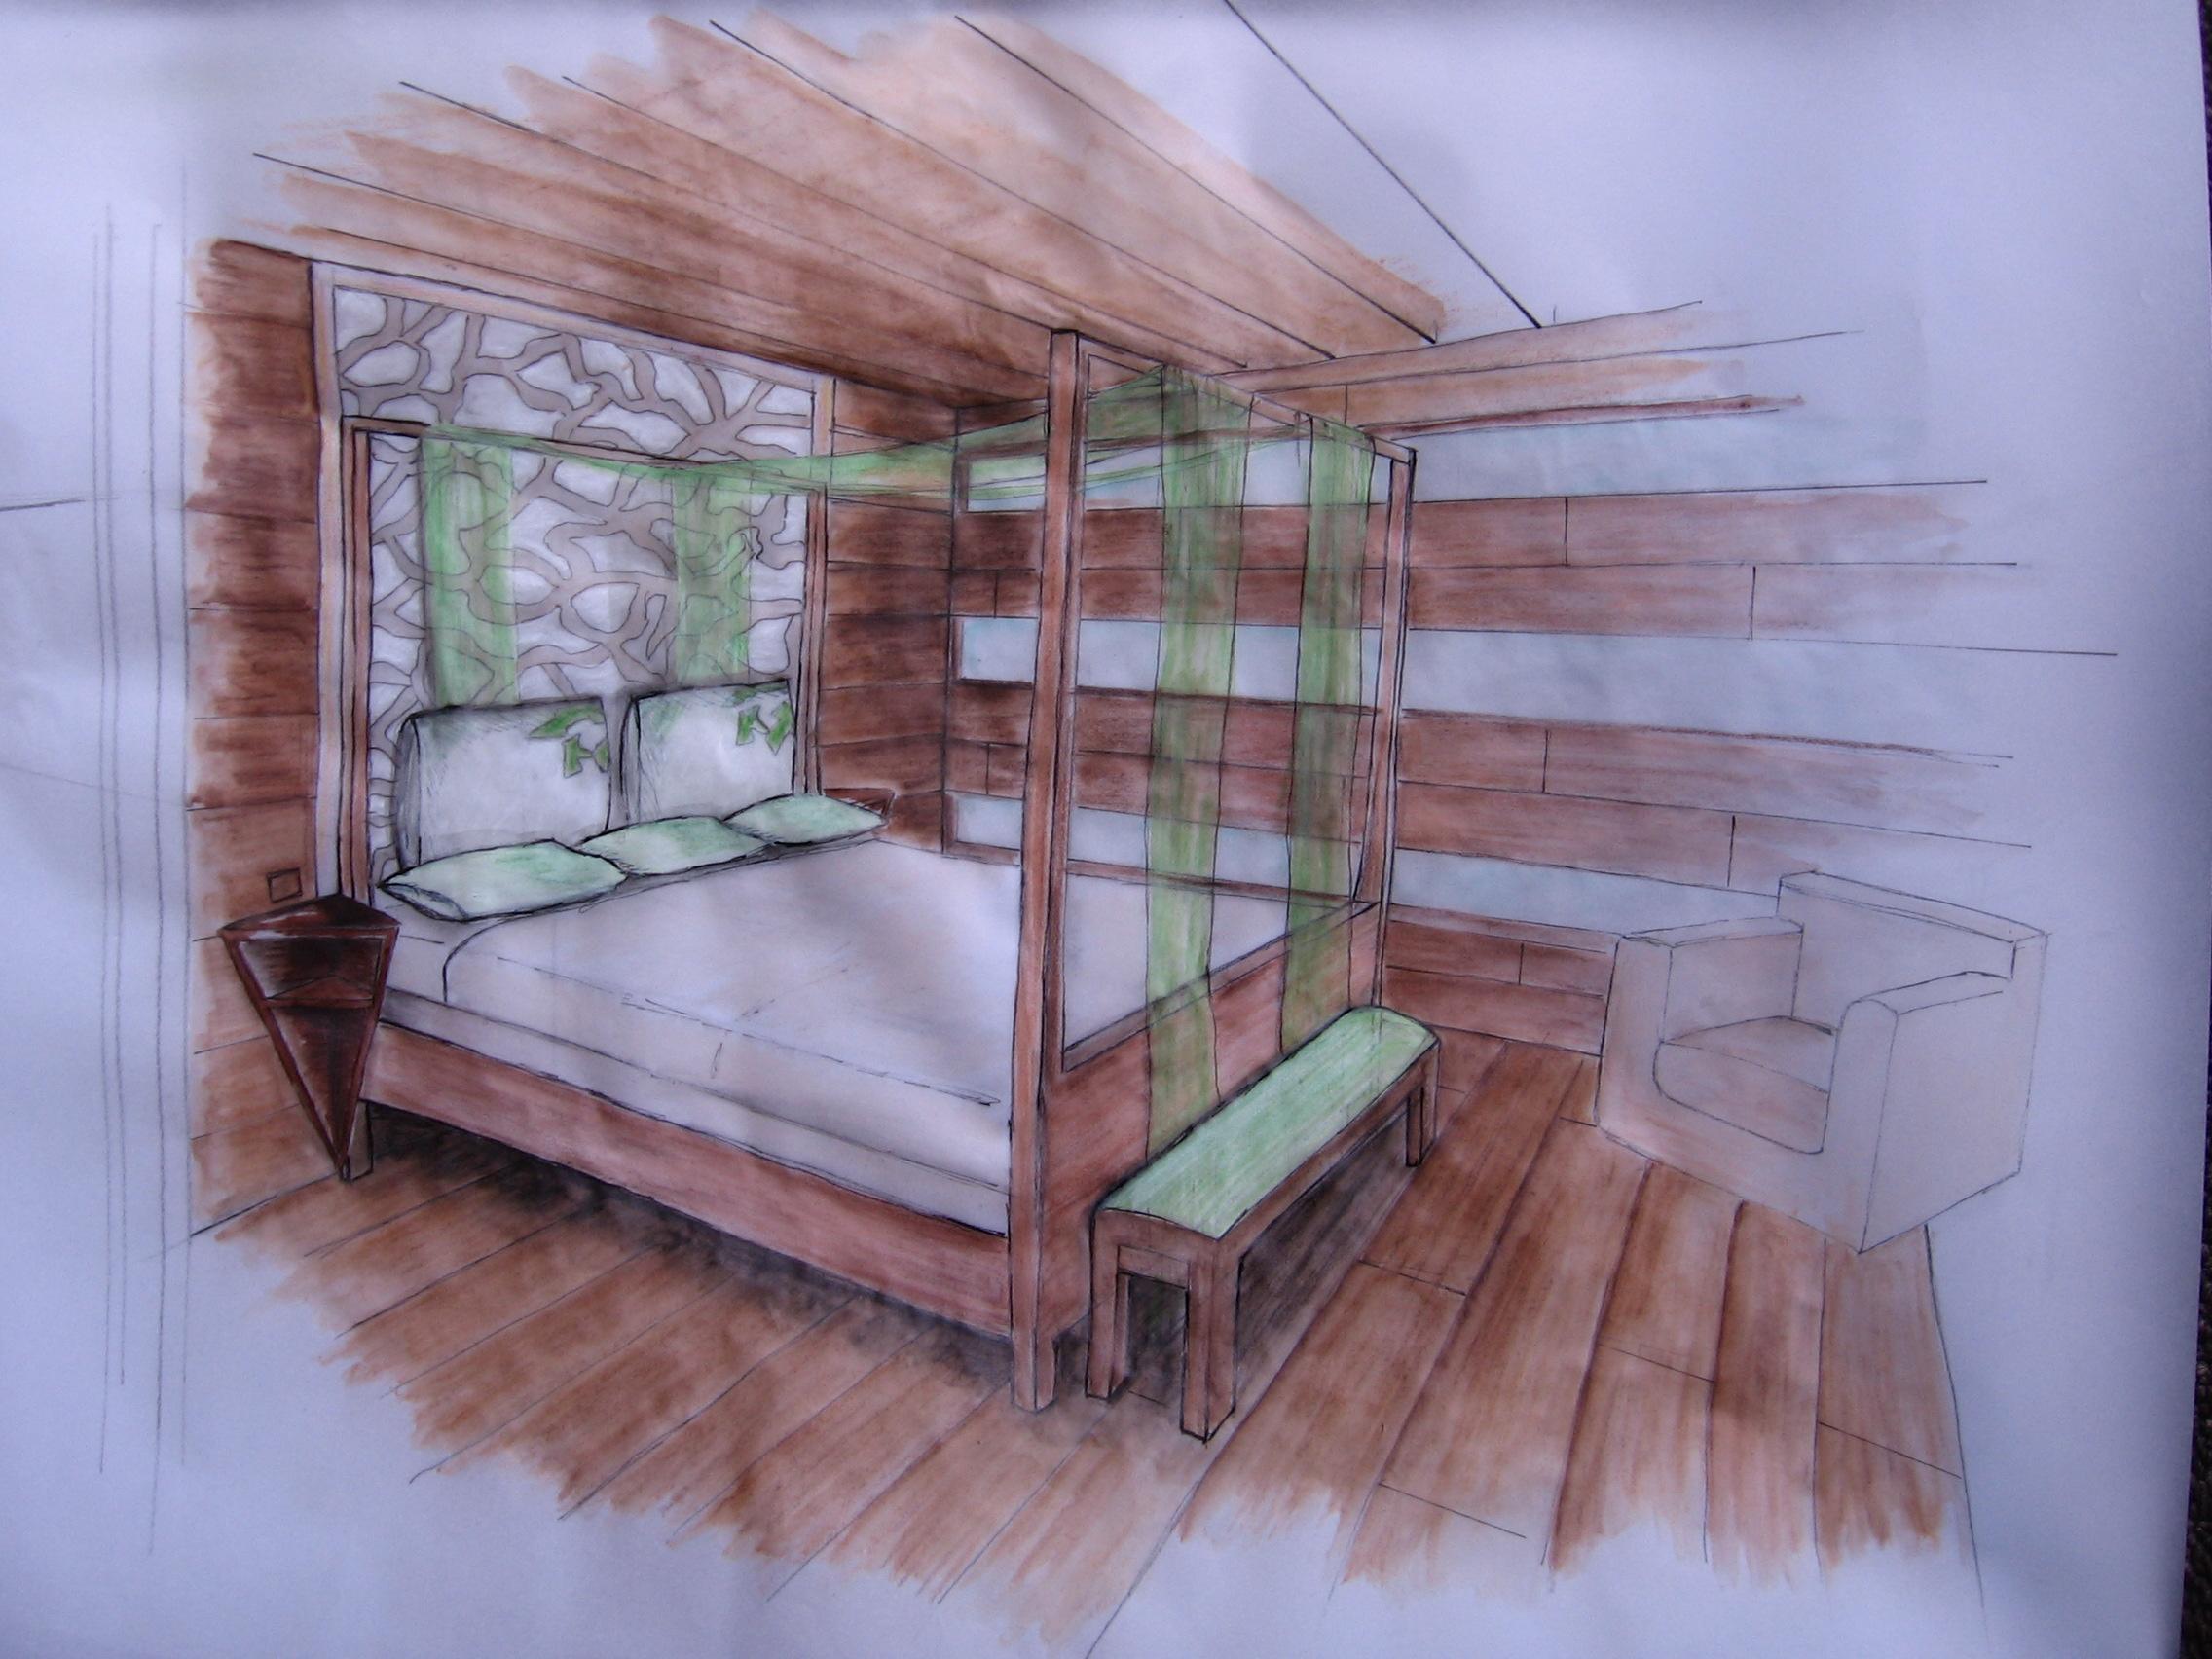 Comment dessiner une chambre a coucher en perspective